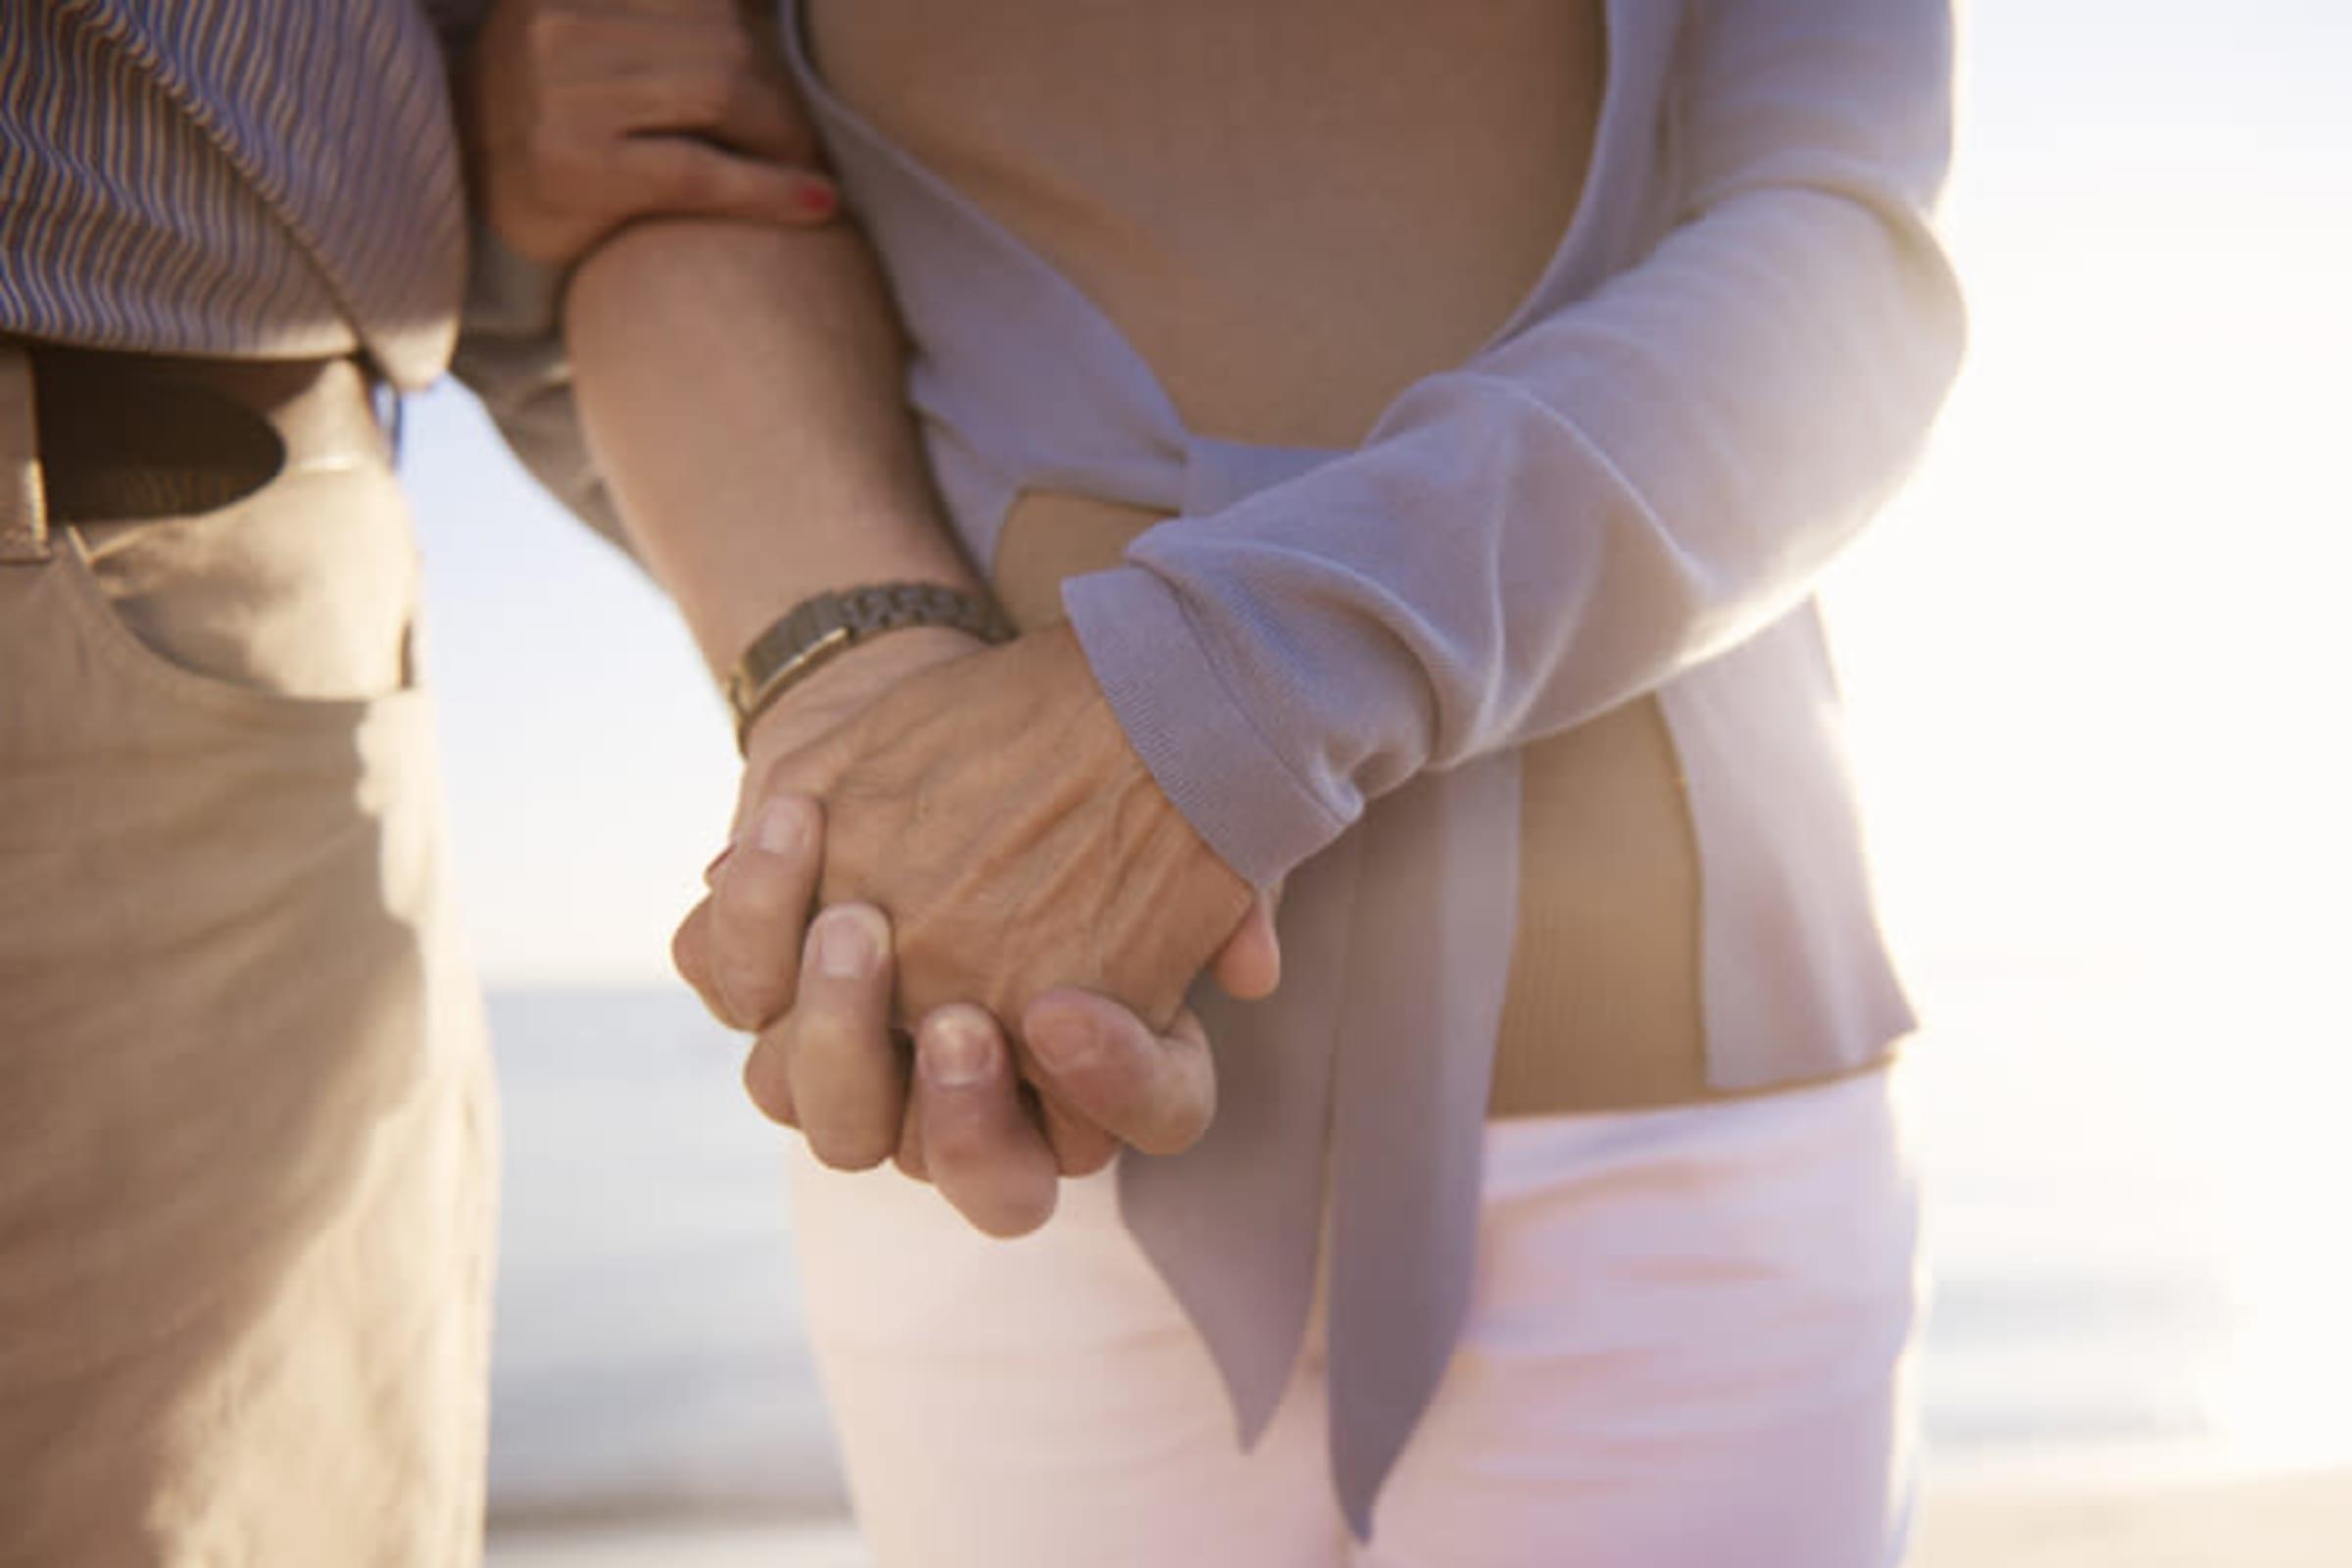 Seniors holding hands on the beach at MBK Senior Living in Irvine, California